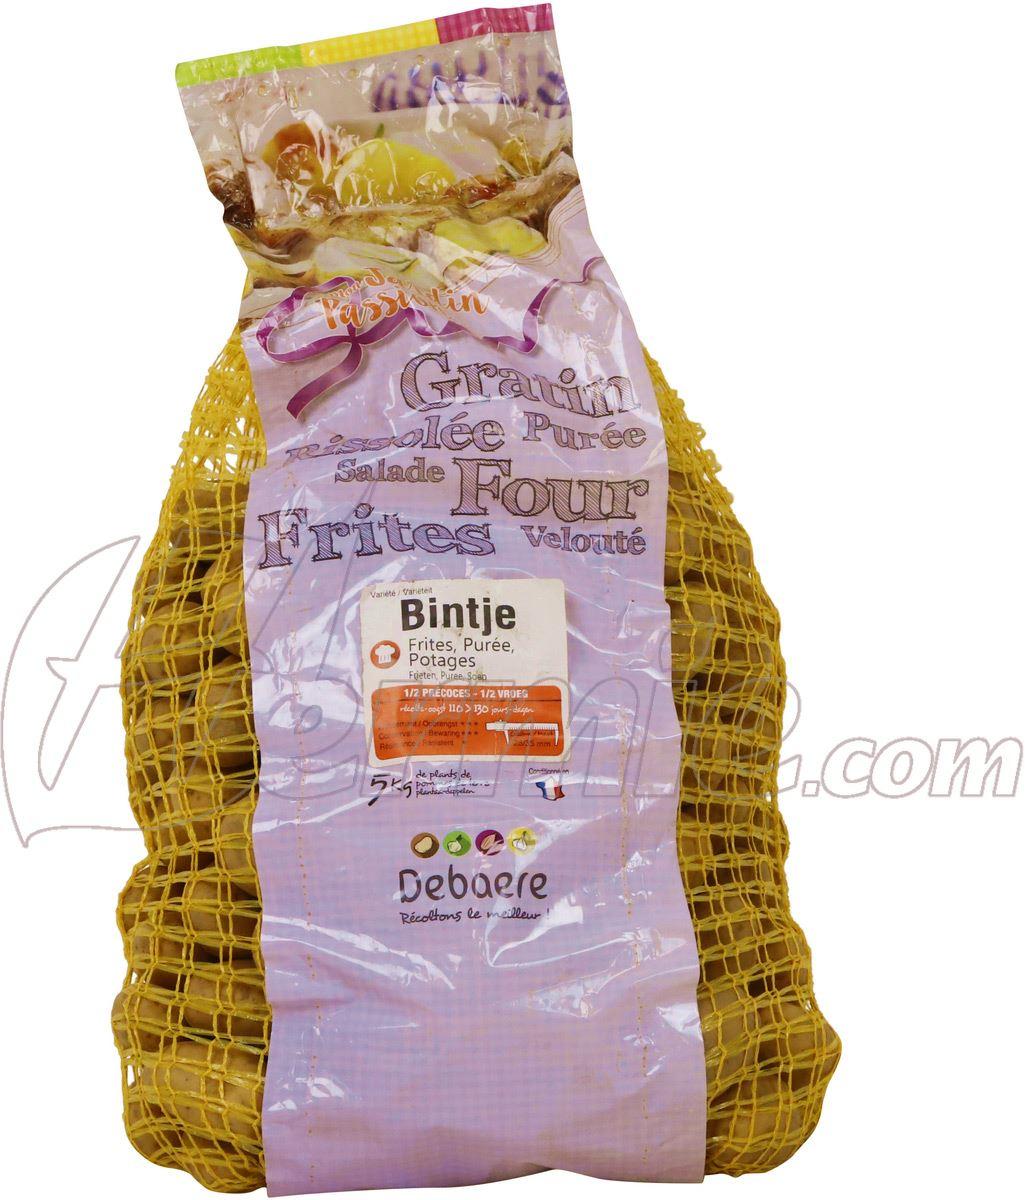 Pootaardappel-Bintje-zak-5kg-28-35-Frankrijk-